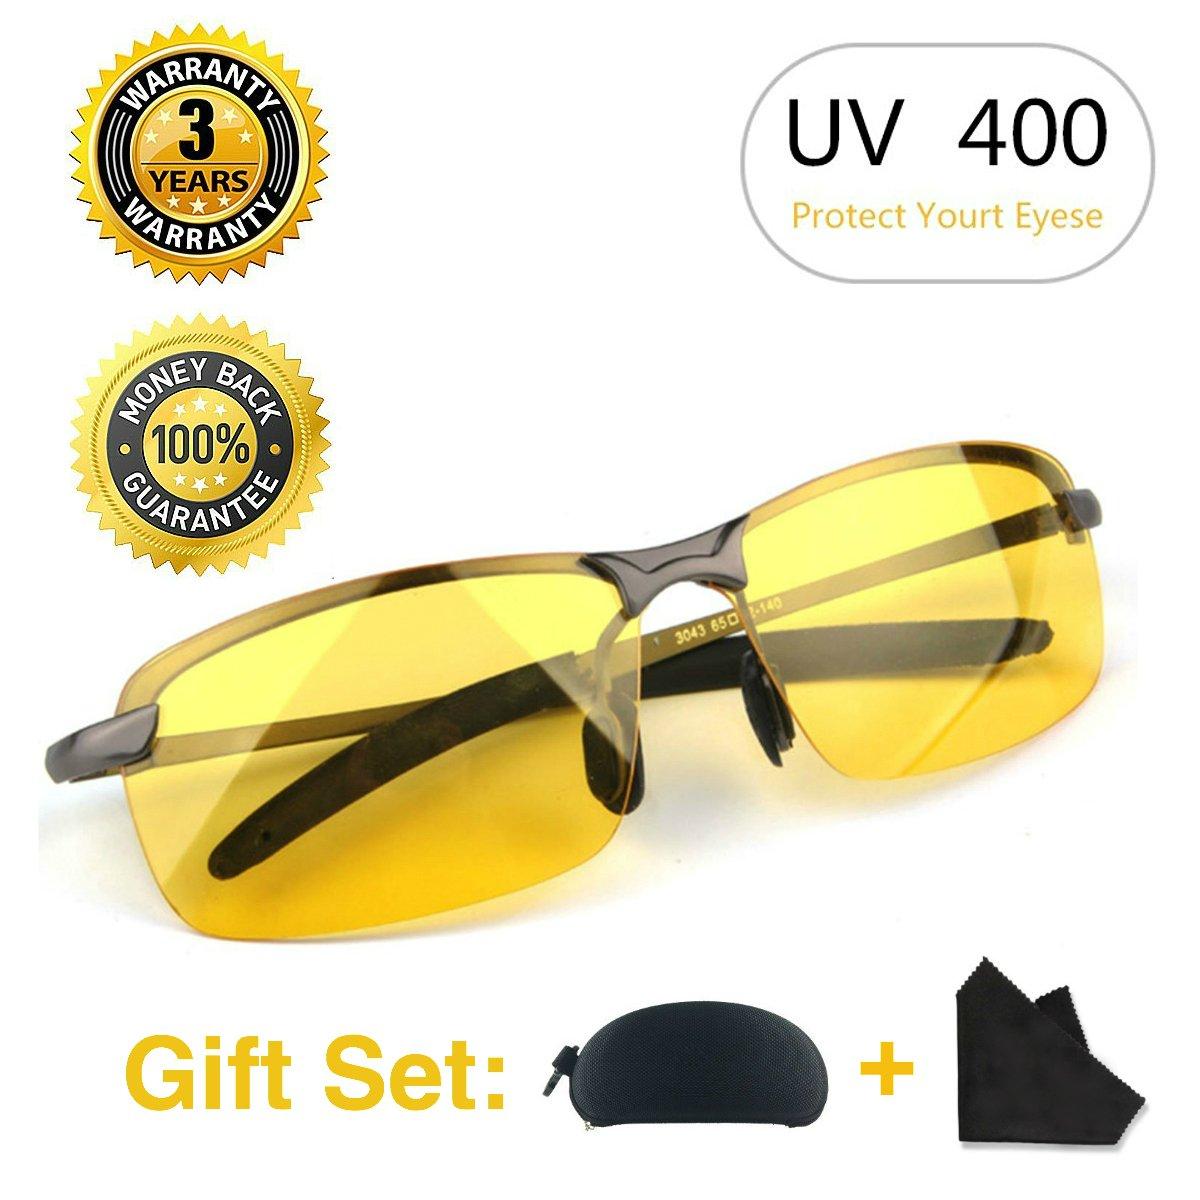 Gafas Nocturna | Gafas de sol - Para la pesca/Conducción nocturna/Reducción de riesgos | Antideslumbrantes/Protección UV400 de Ojos/HD Vision ...